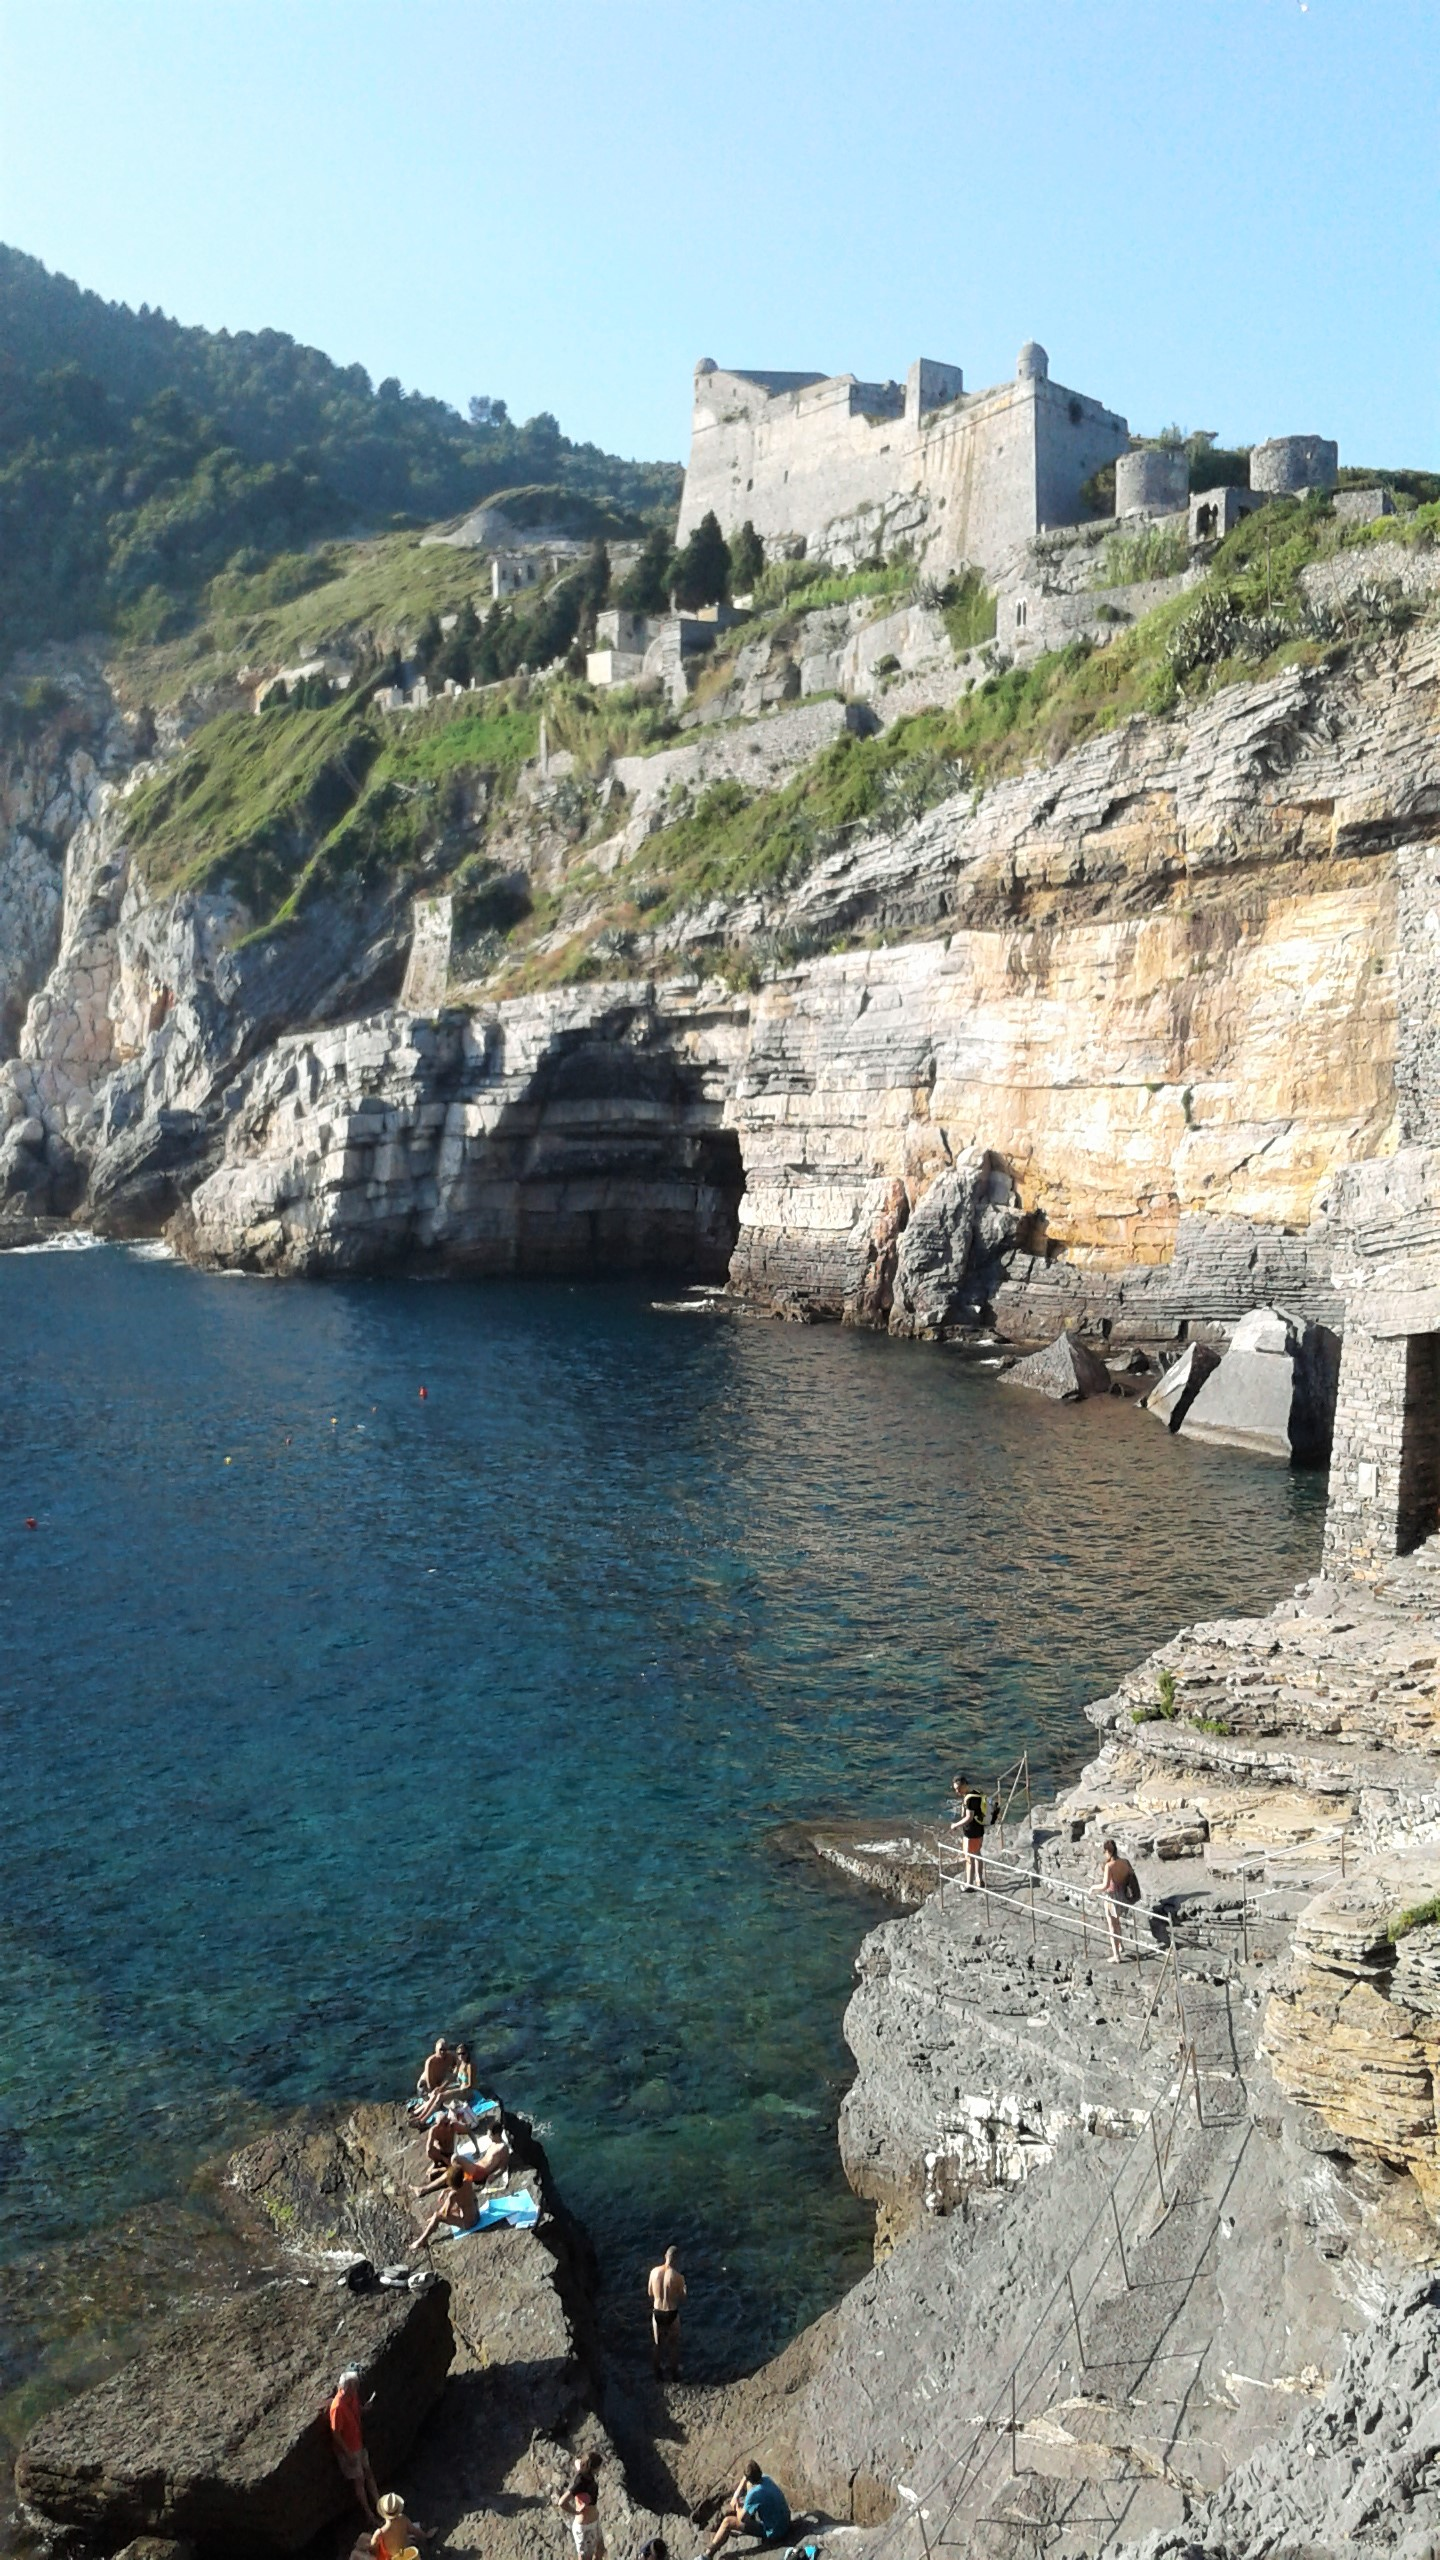 Grotto Liguria